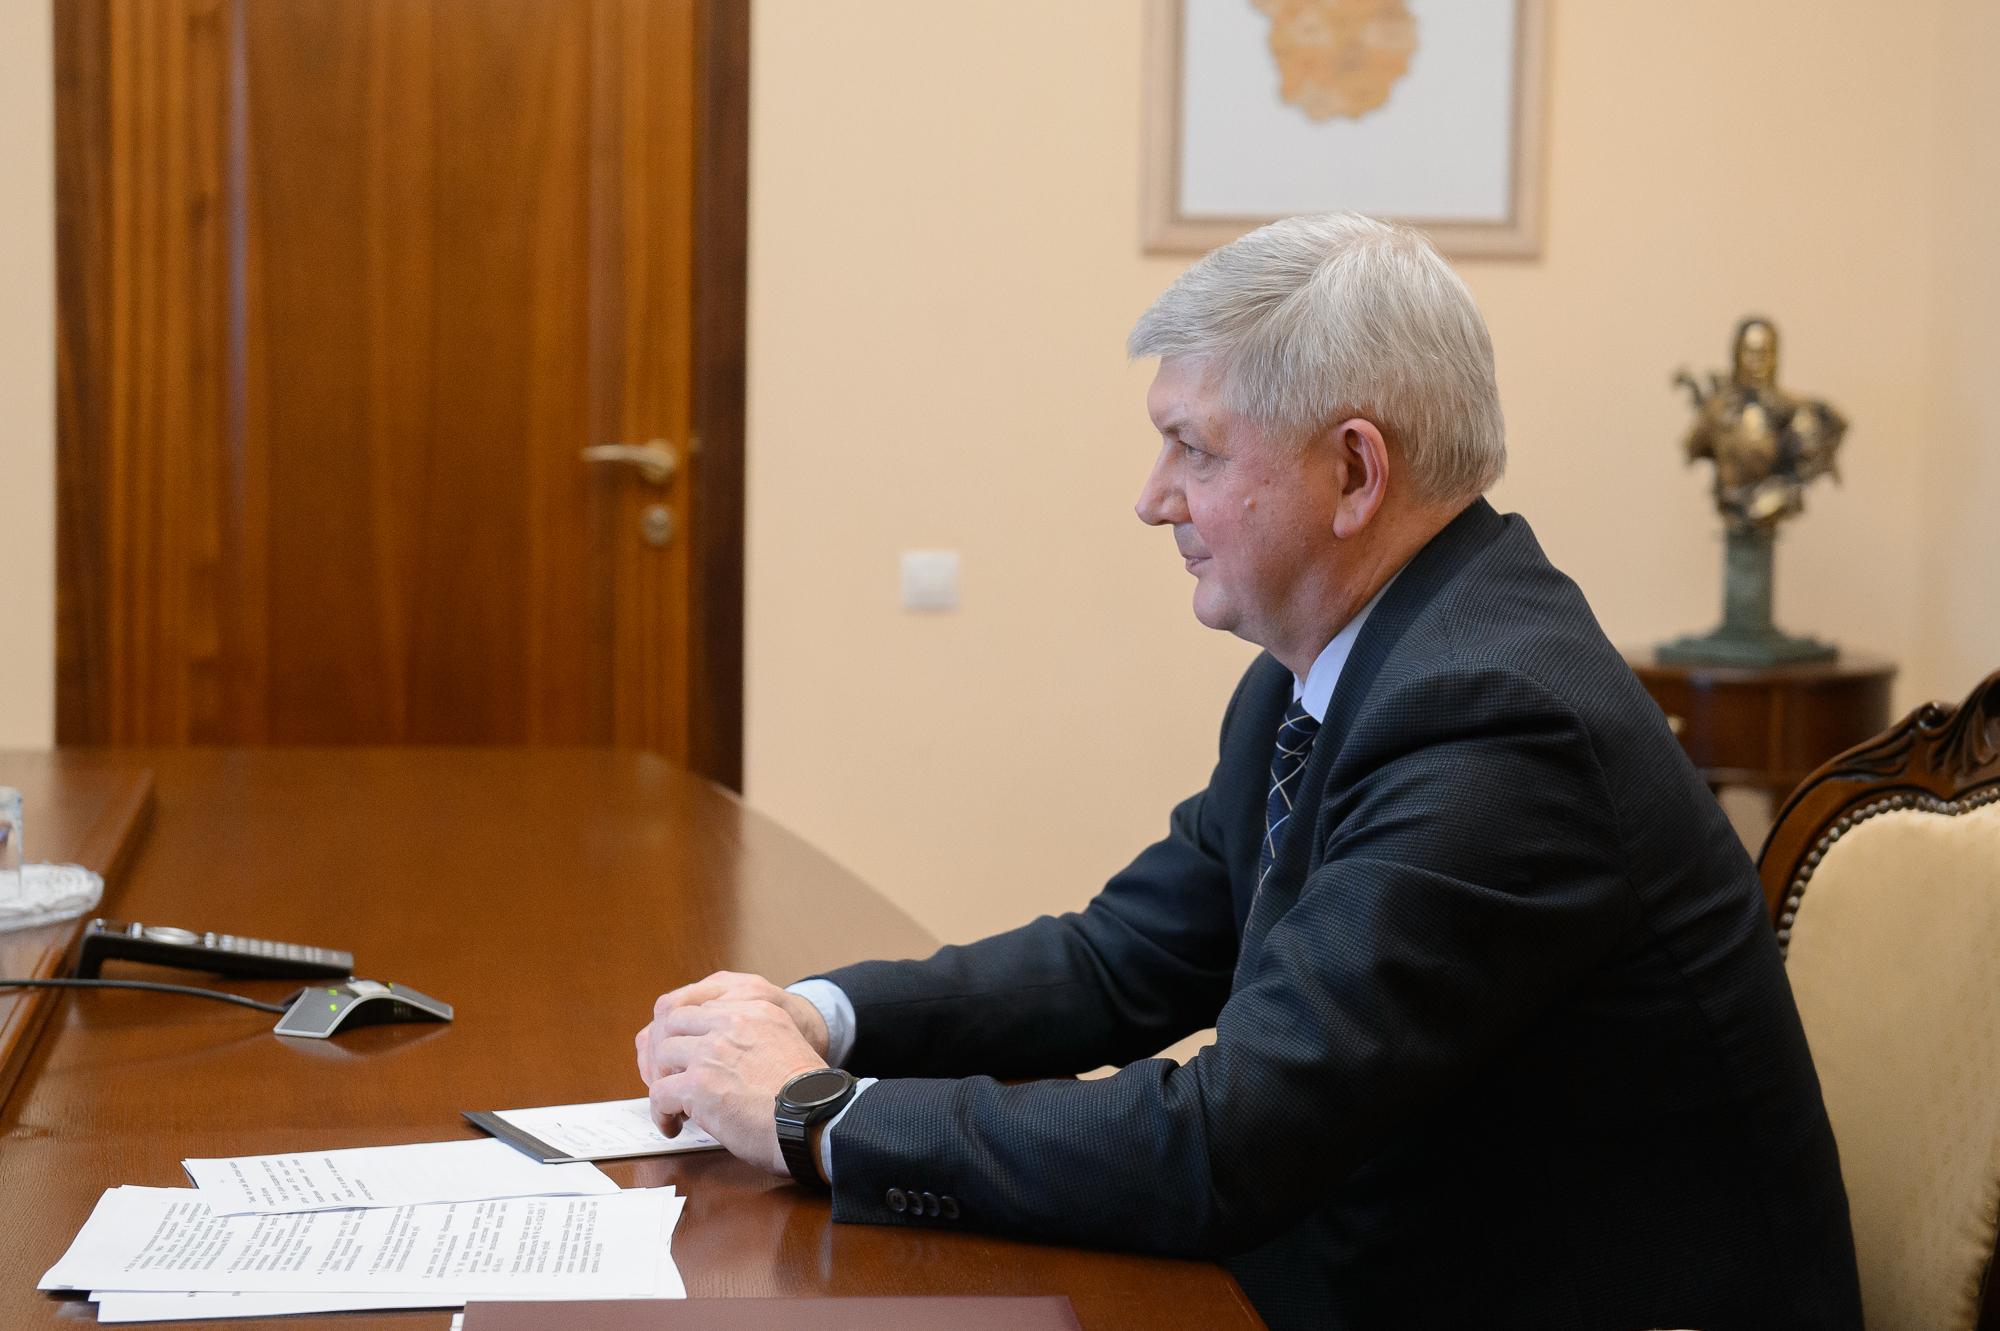 Открытие в Воронеже контакт-центра прошло в формате онлайн.